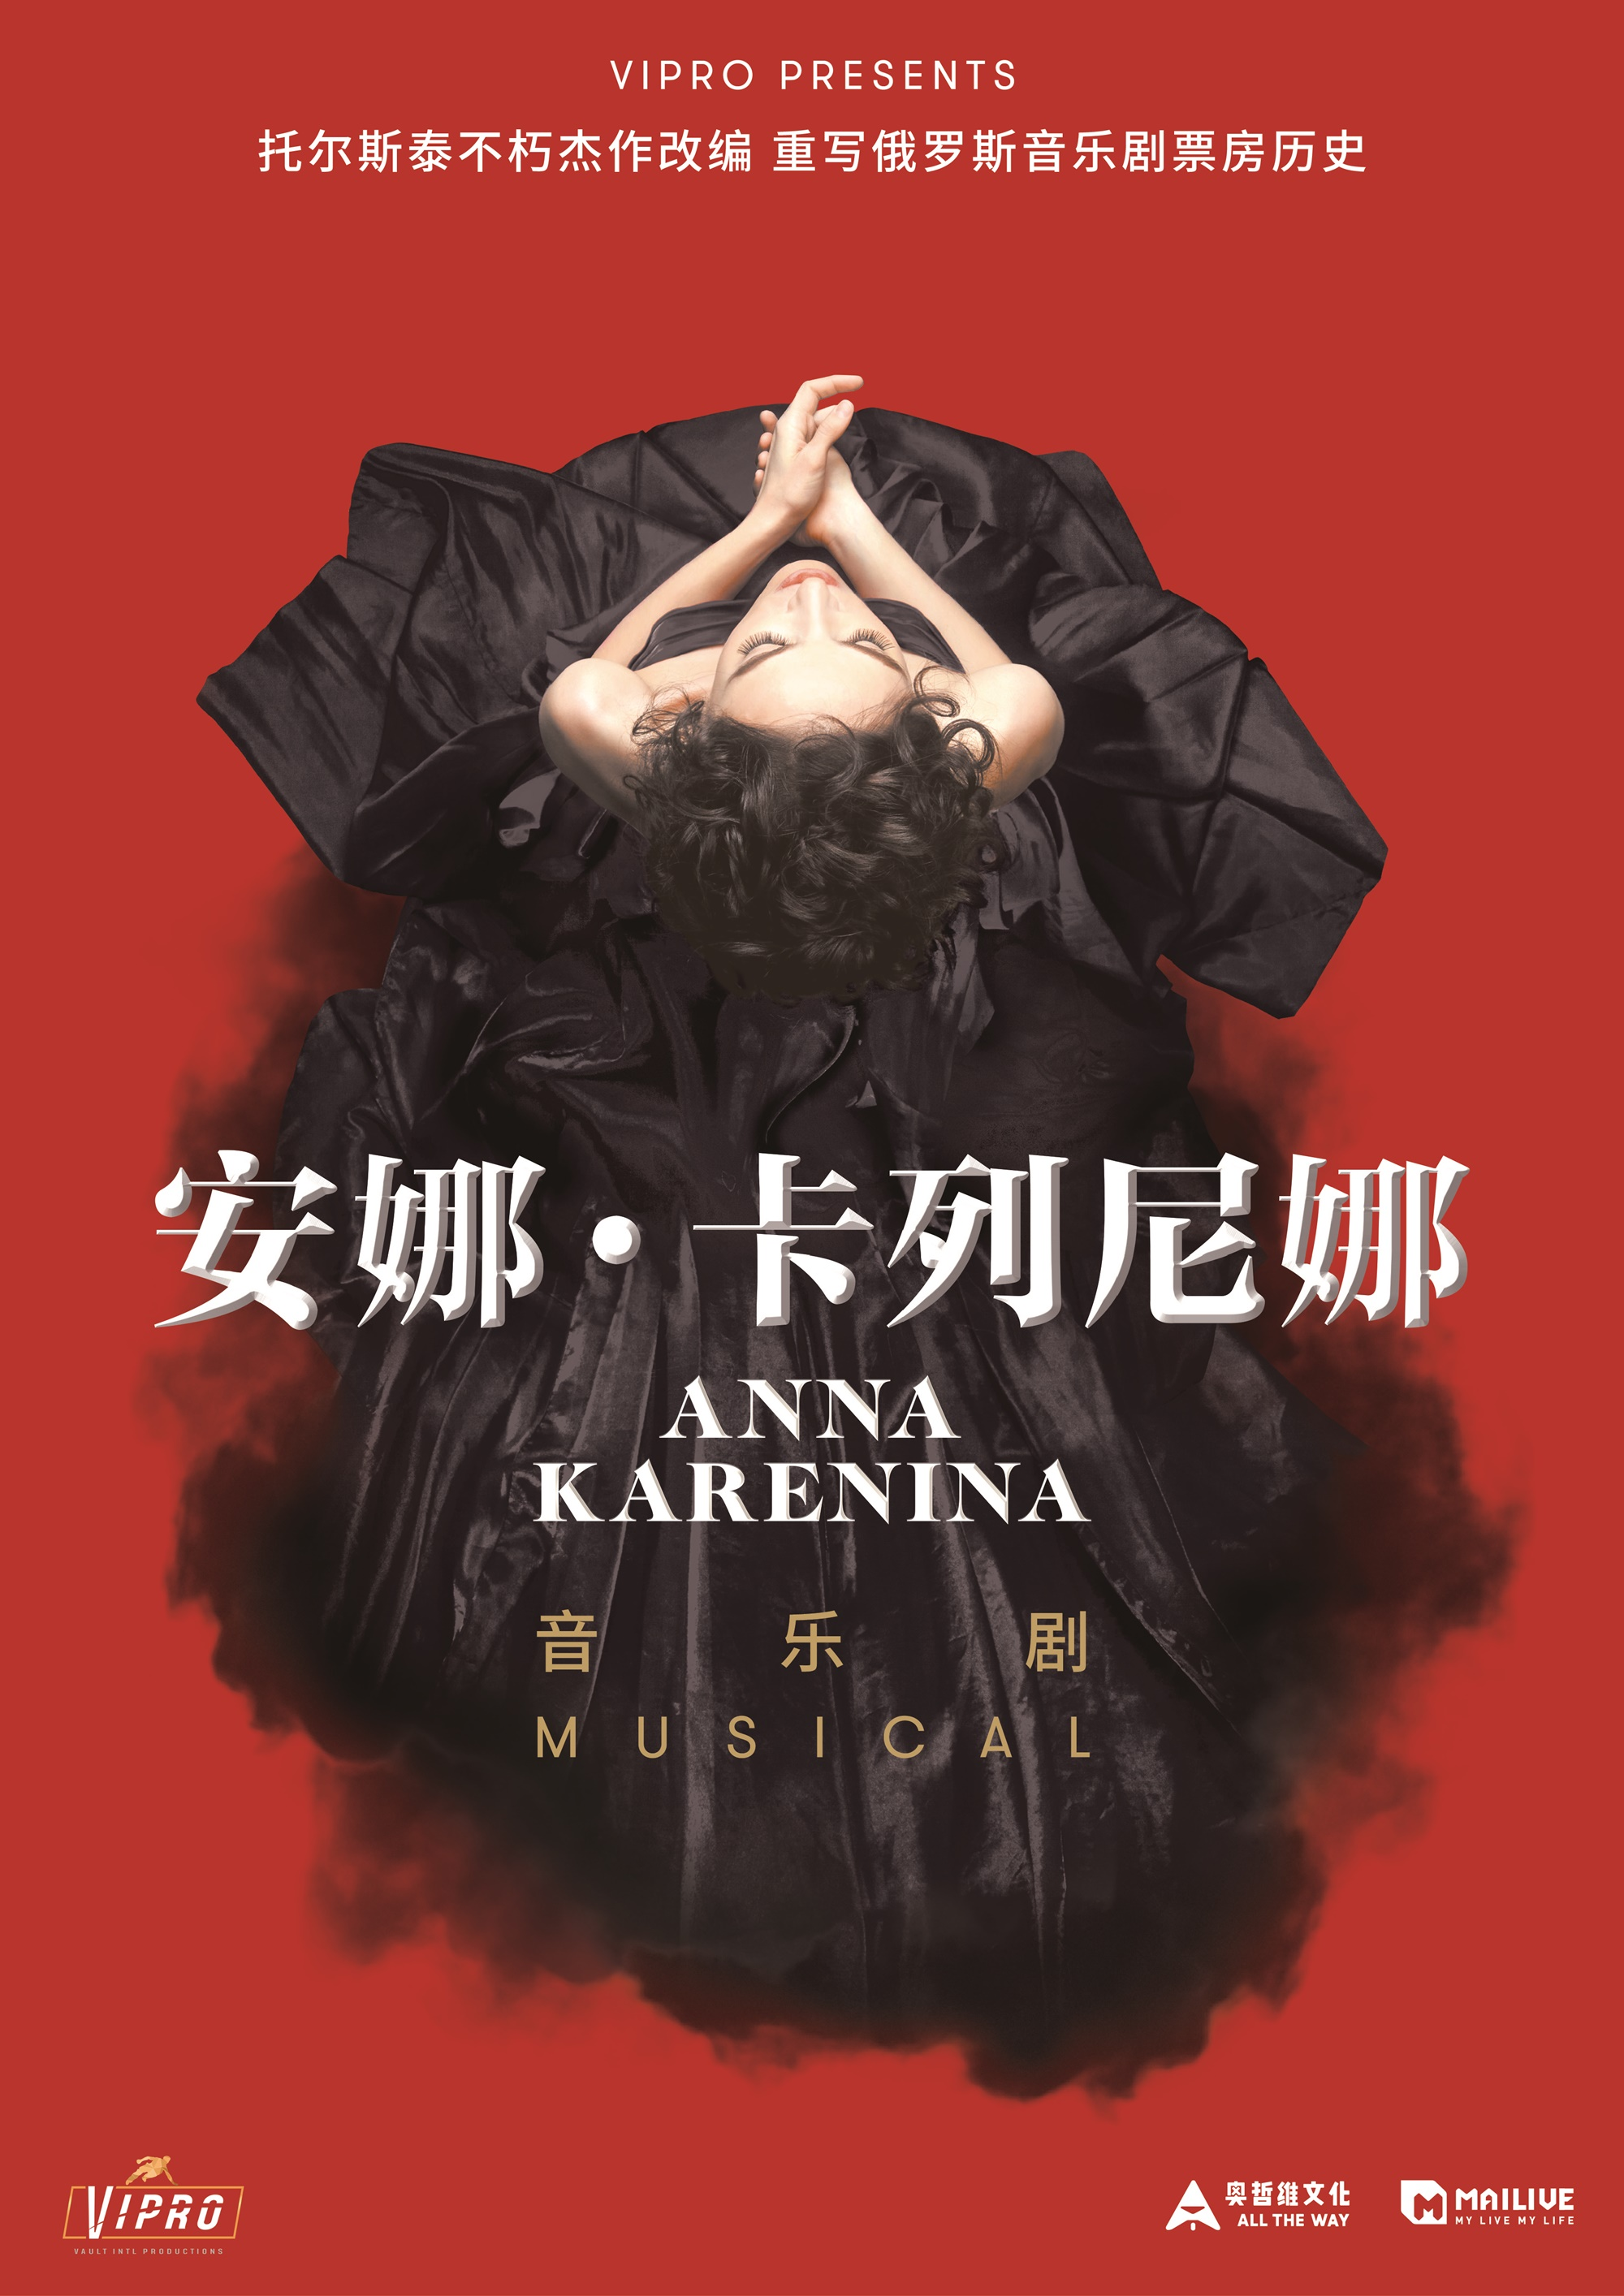 【高清放映系列】莫斯科輕歌劇院·音樂劇《安娜·卡列尼娜》